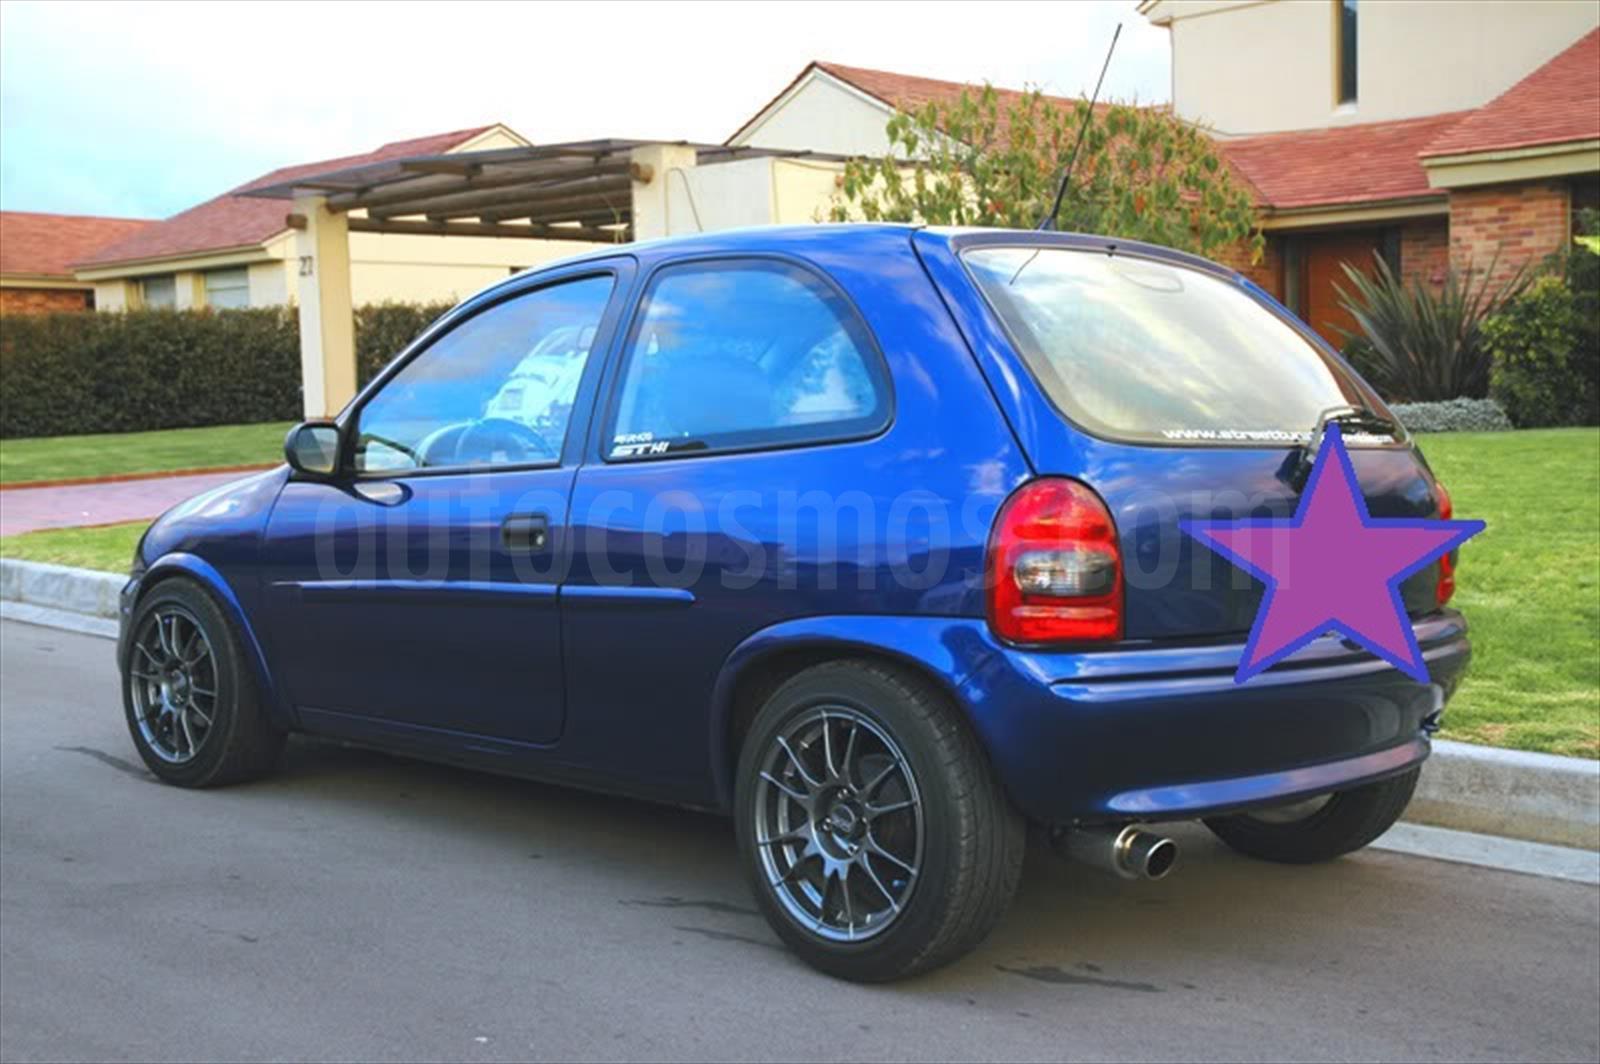 Venta carros usado - Distrito Capital - Chevrolet Corsa 3